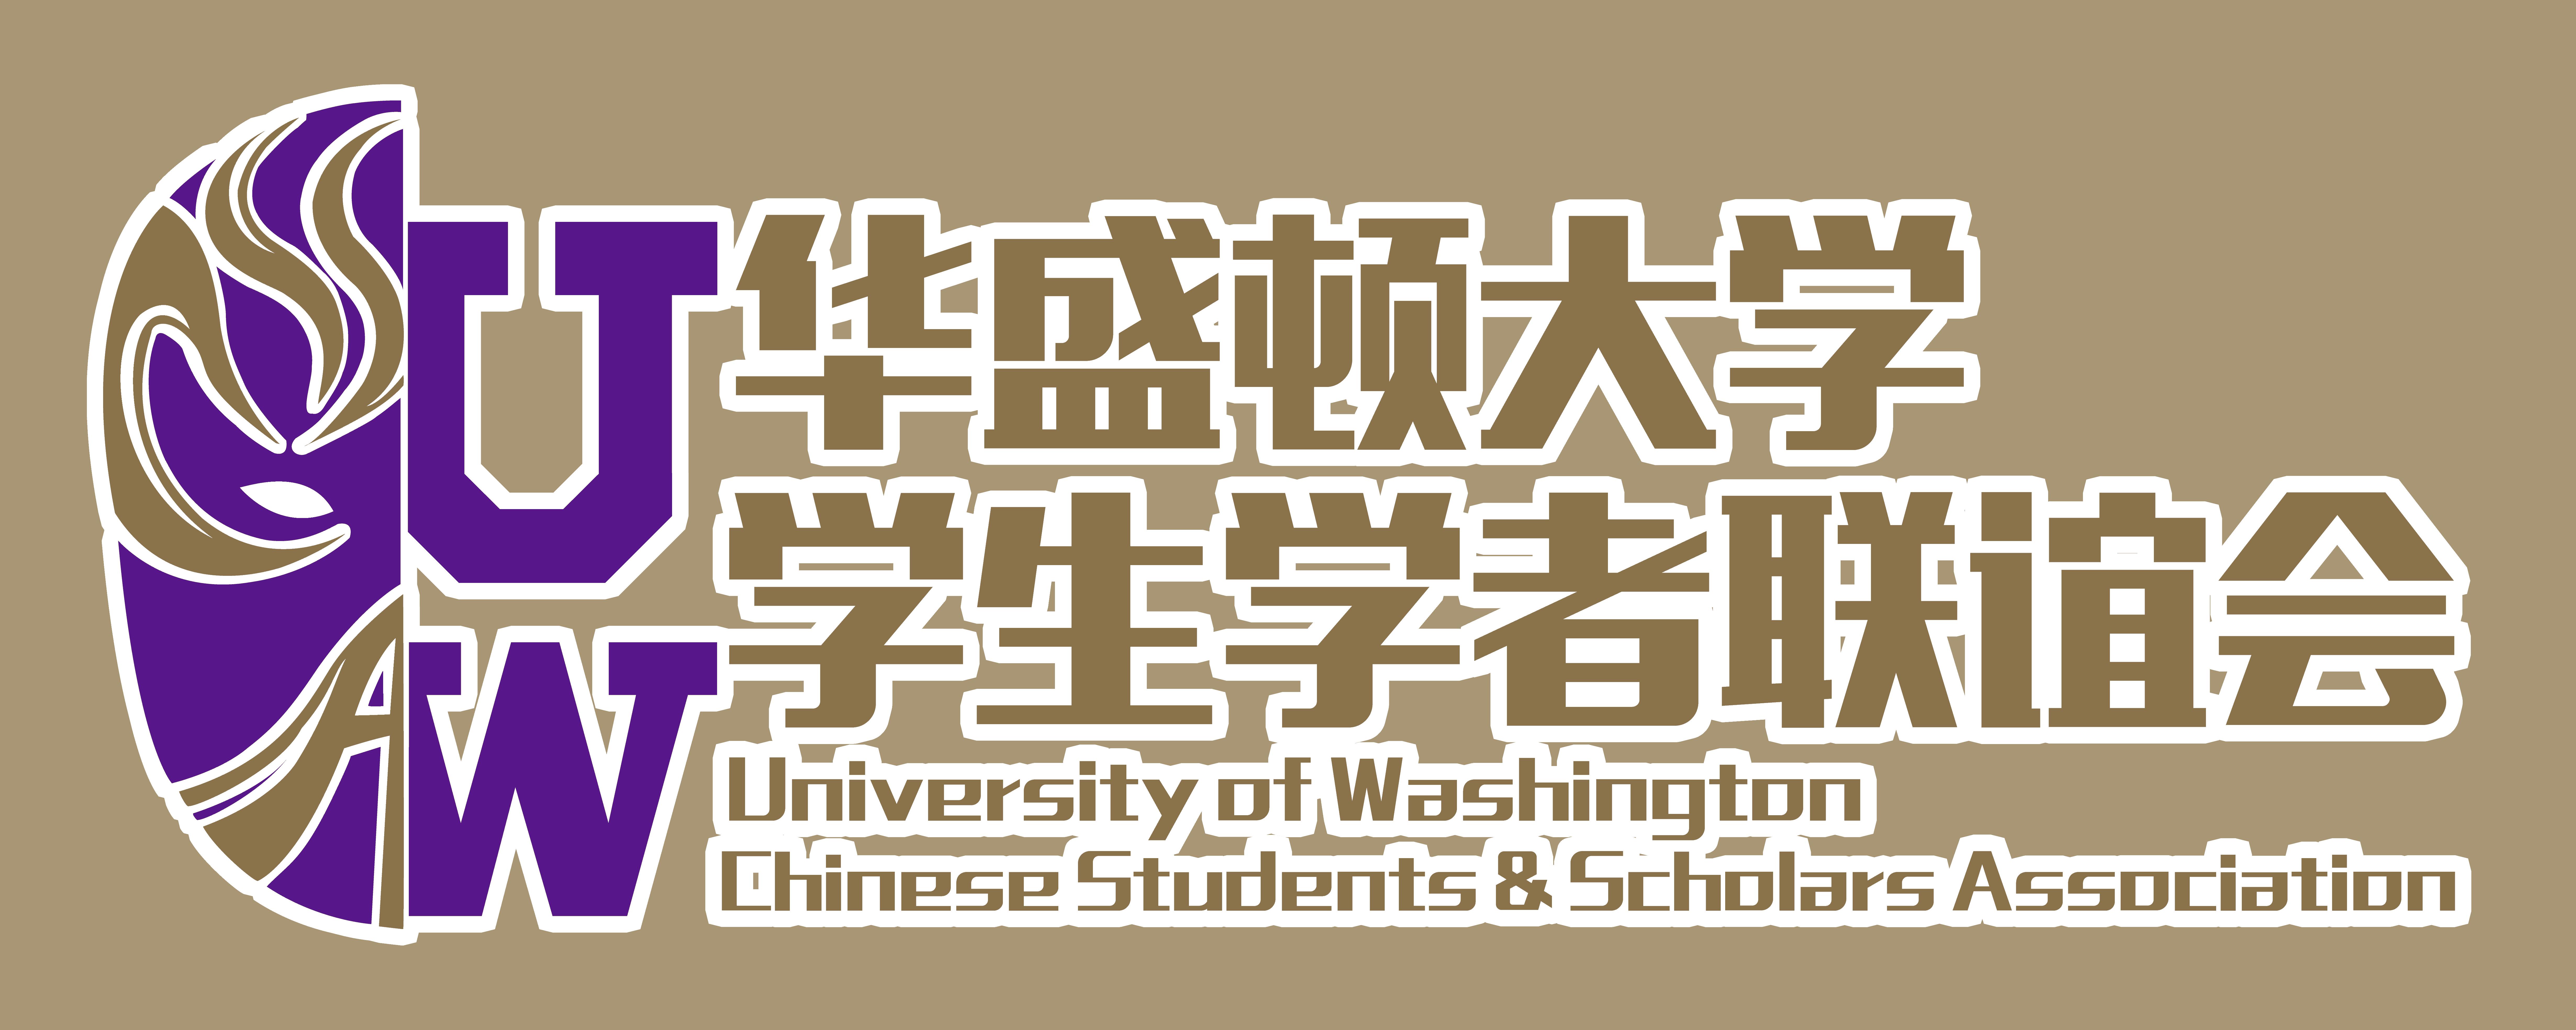 UWCSSA - 华盛顿大学中国学生学者联谊会